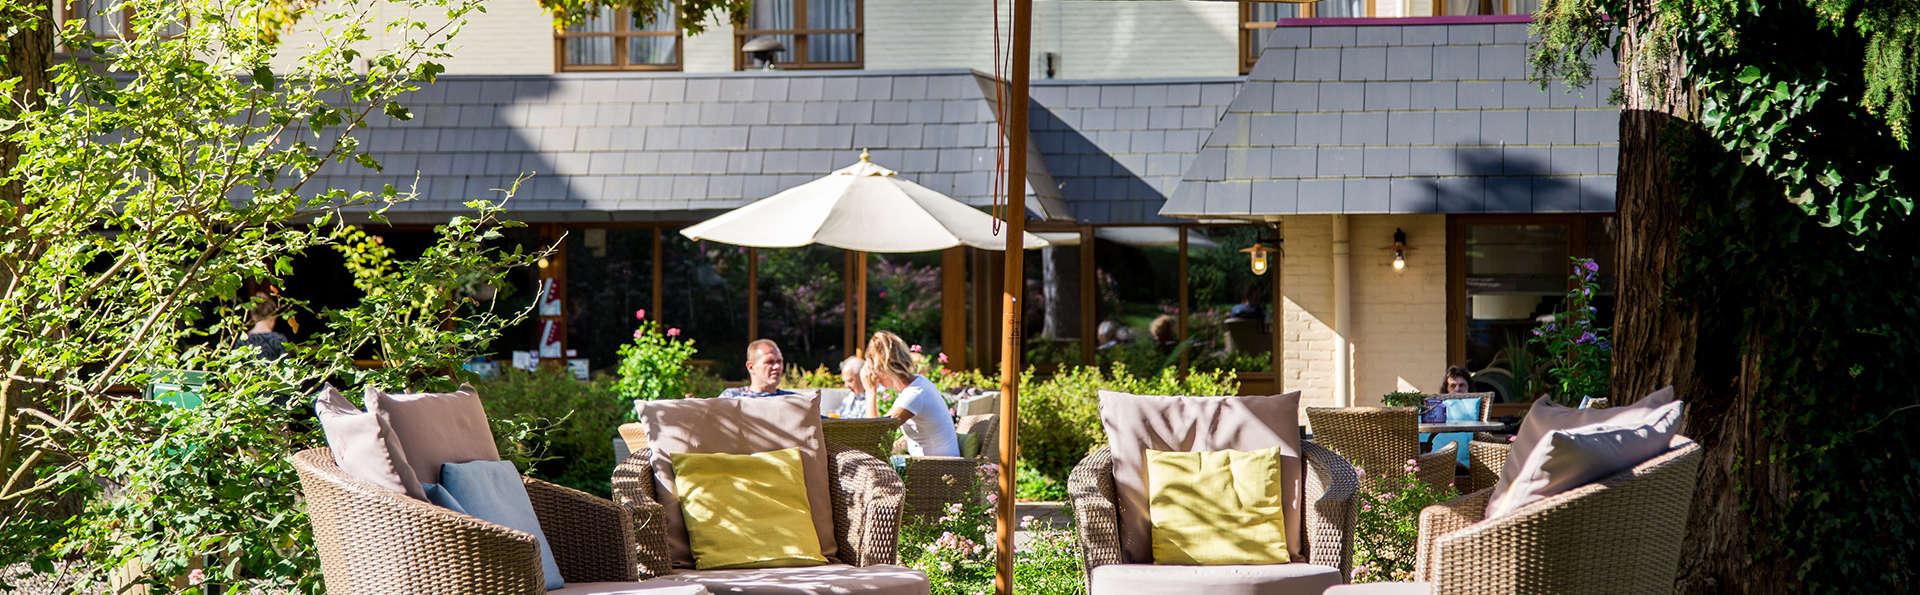 Hotel Schaepkens Van St Fijt - EDIT_NEW_Terrace.jpg